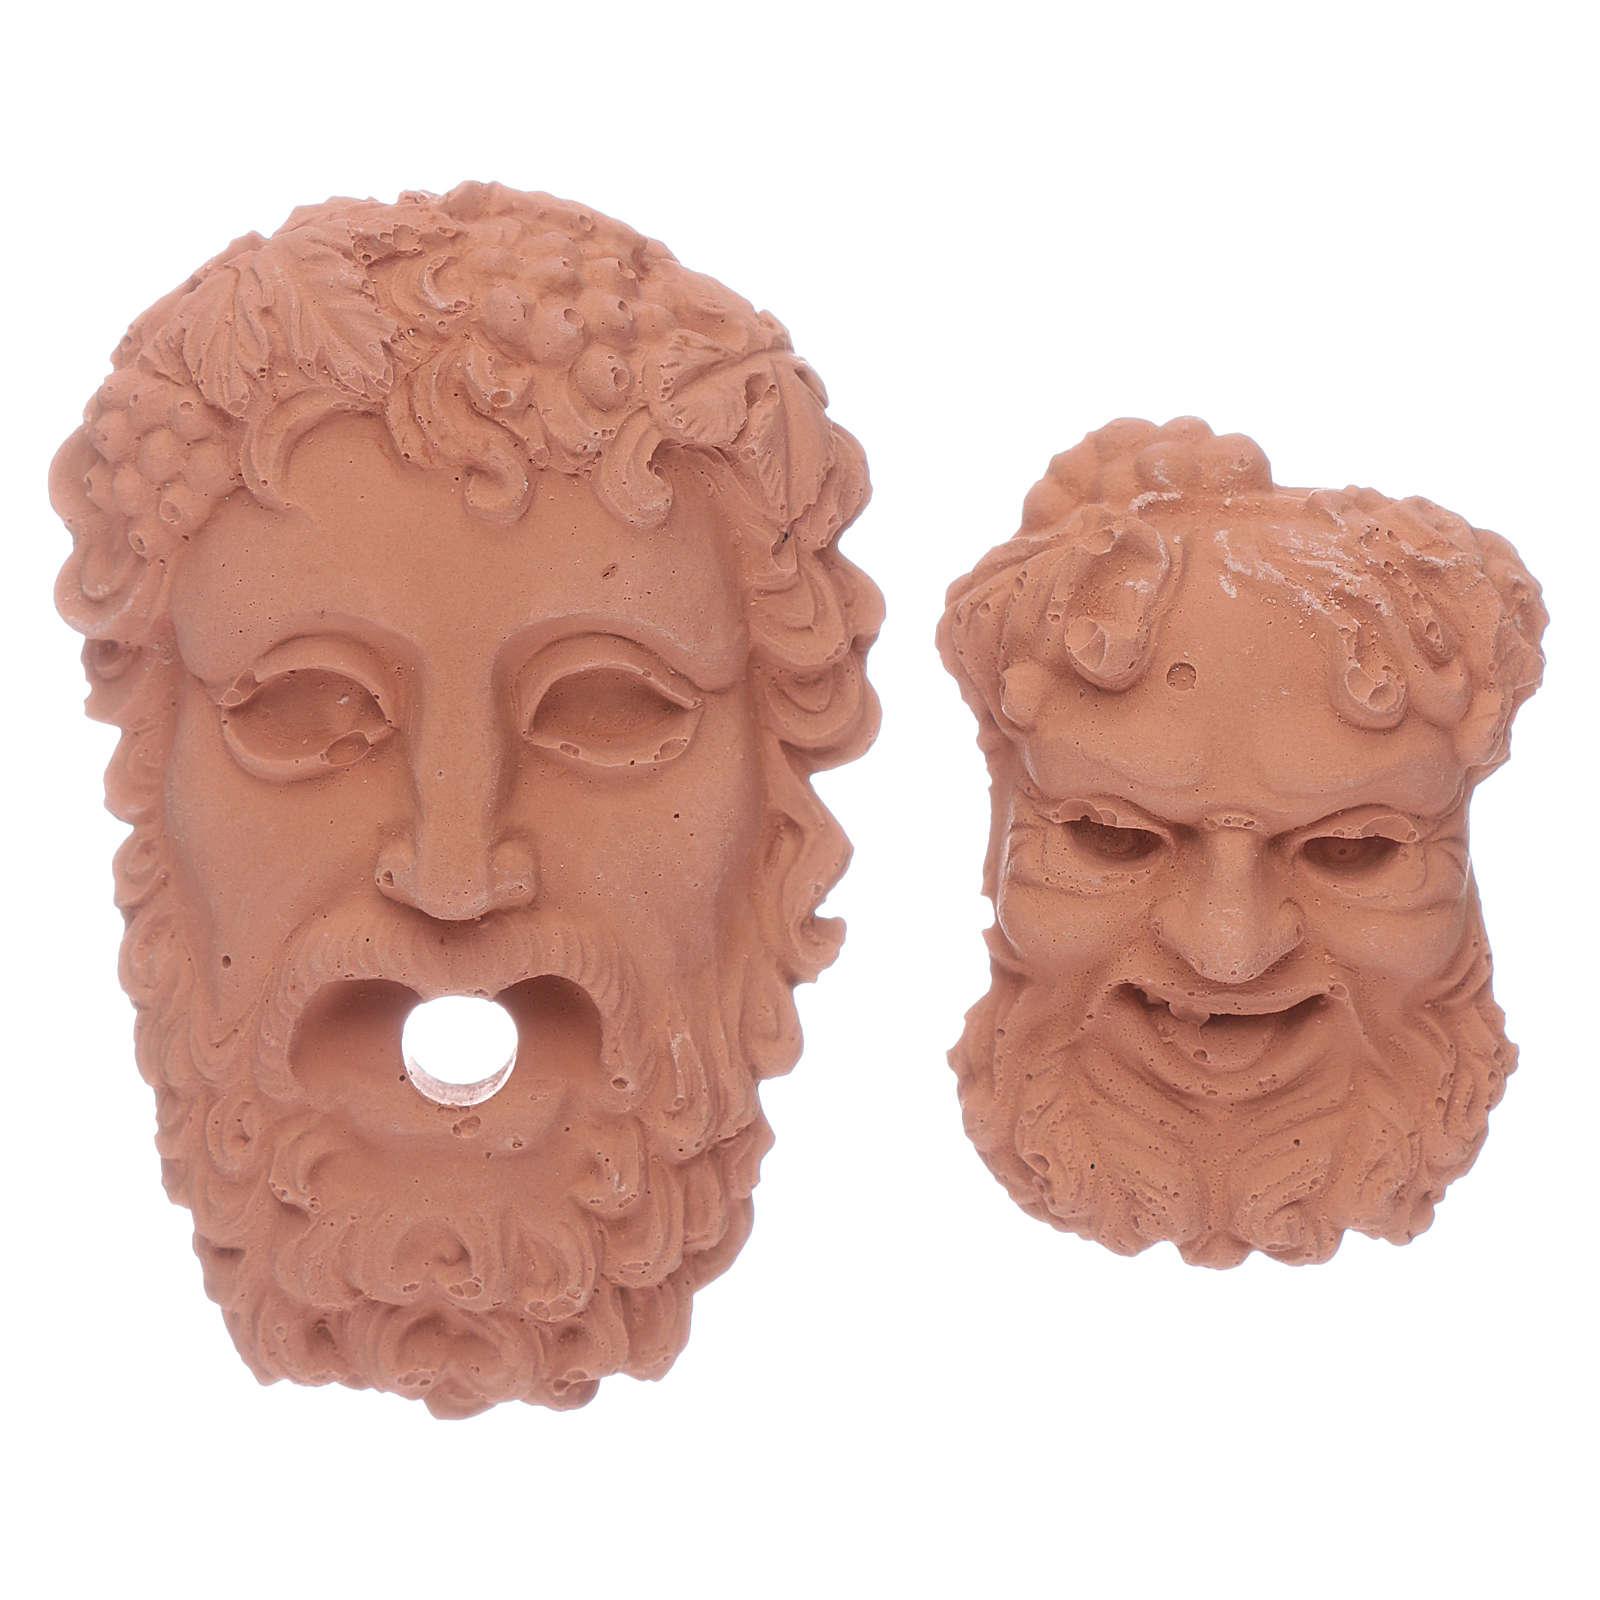 Teste Dei greci Zeus e Bacco 4